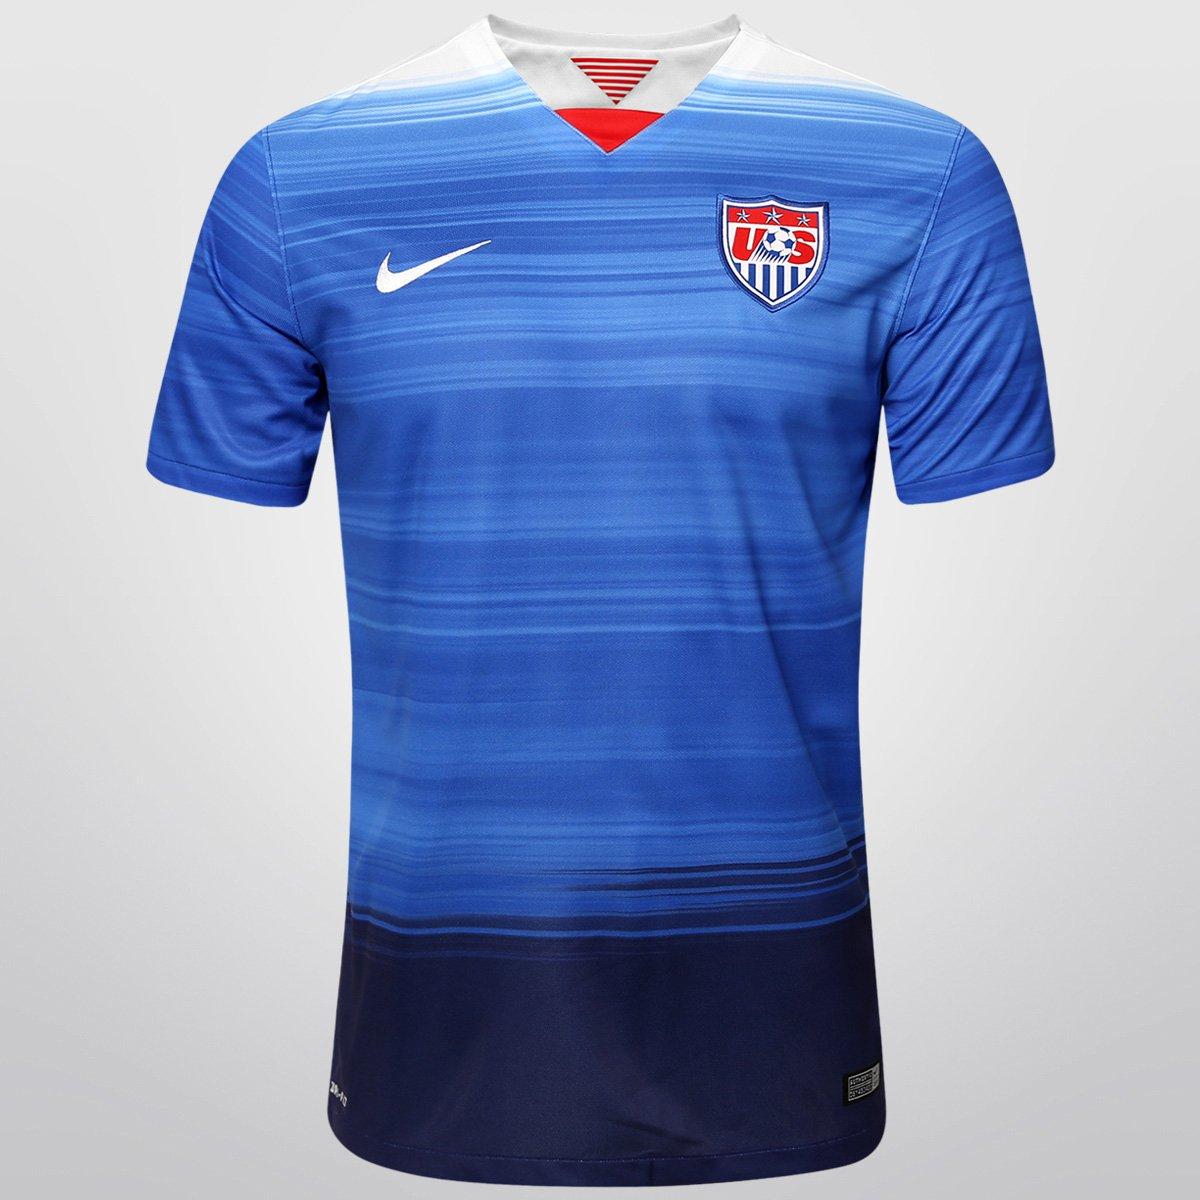 Camisa Seleção USA Away 15 16 s nº Torcedor Nike Masculina - Compre Agora  36e48246ceeb3